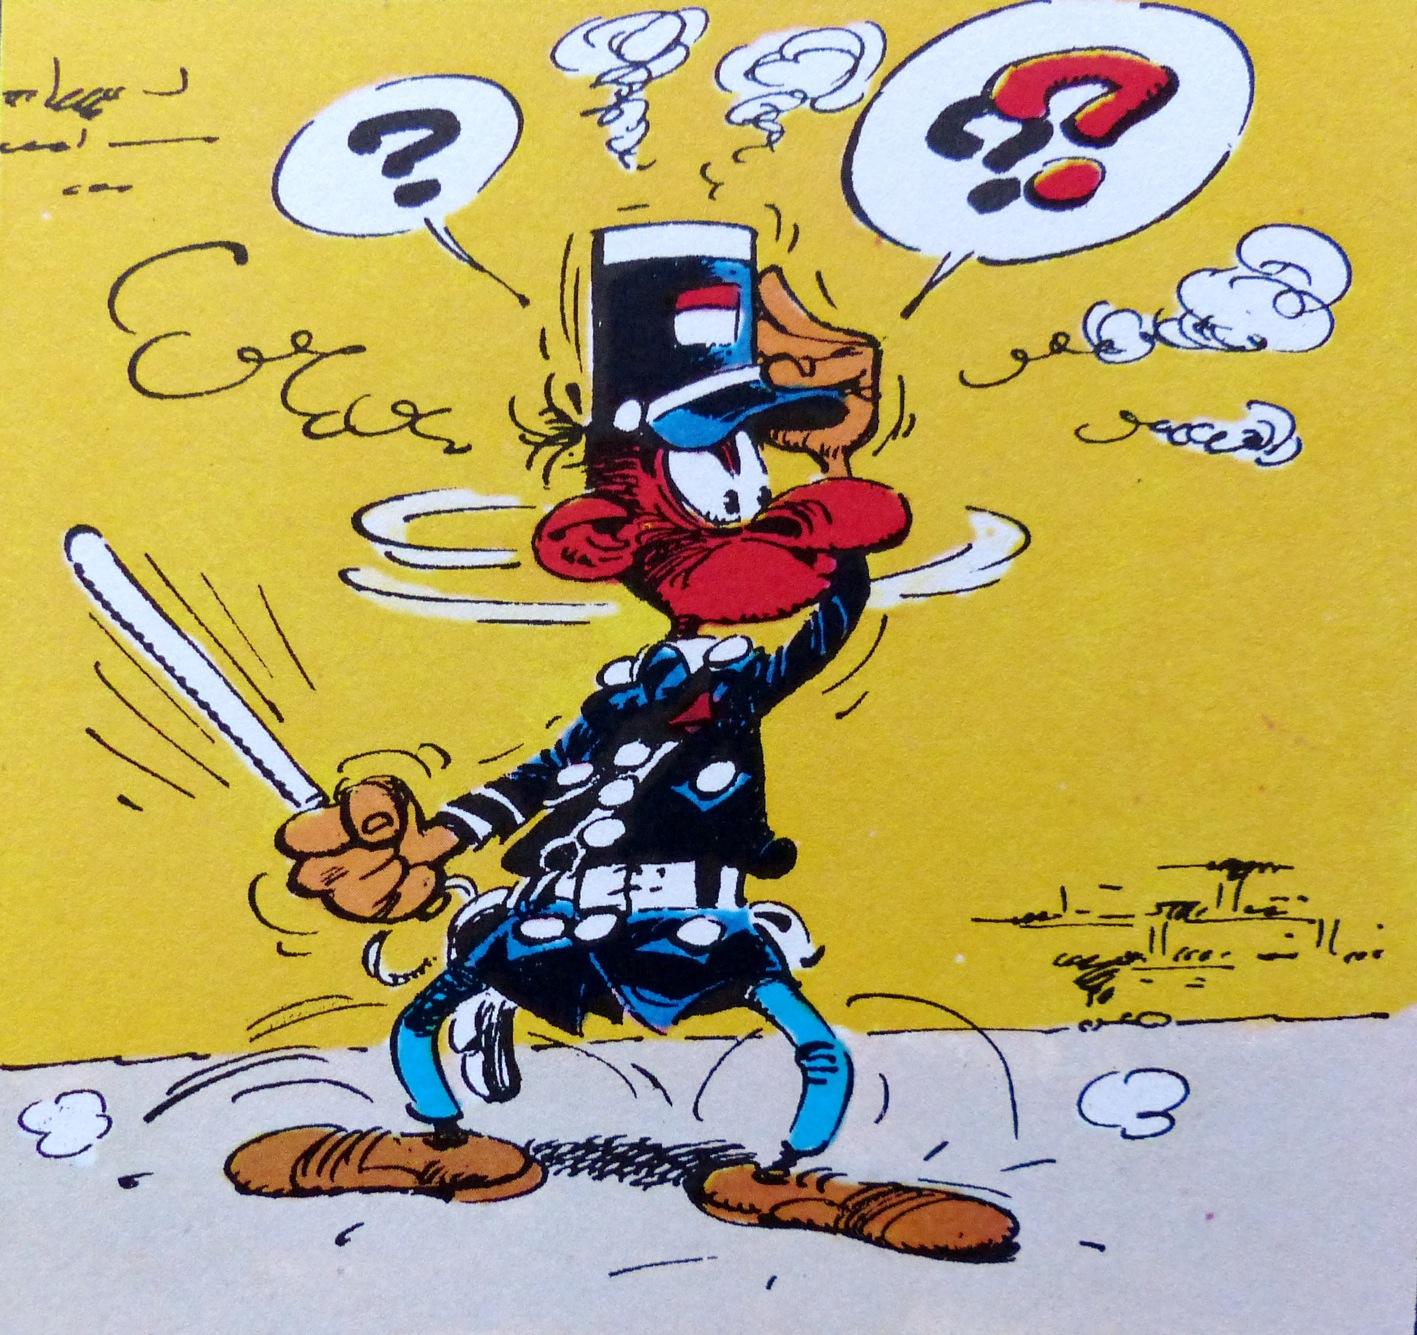 En réponse au membre outragé des forces de l'ordre  - Page 5 Franquin-gaston-lagaffe-longtarin